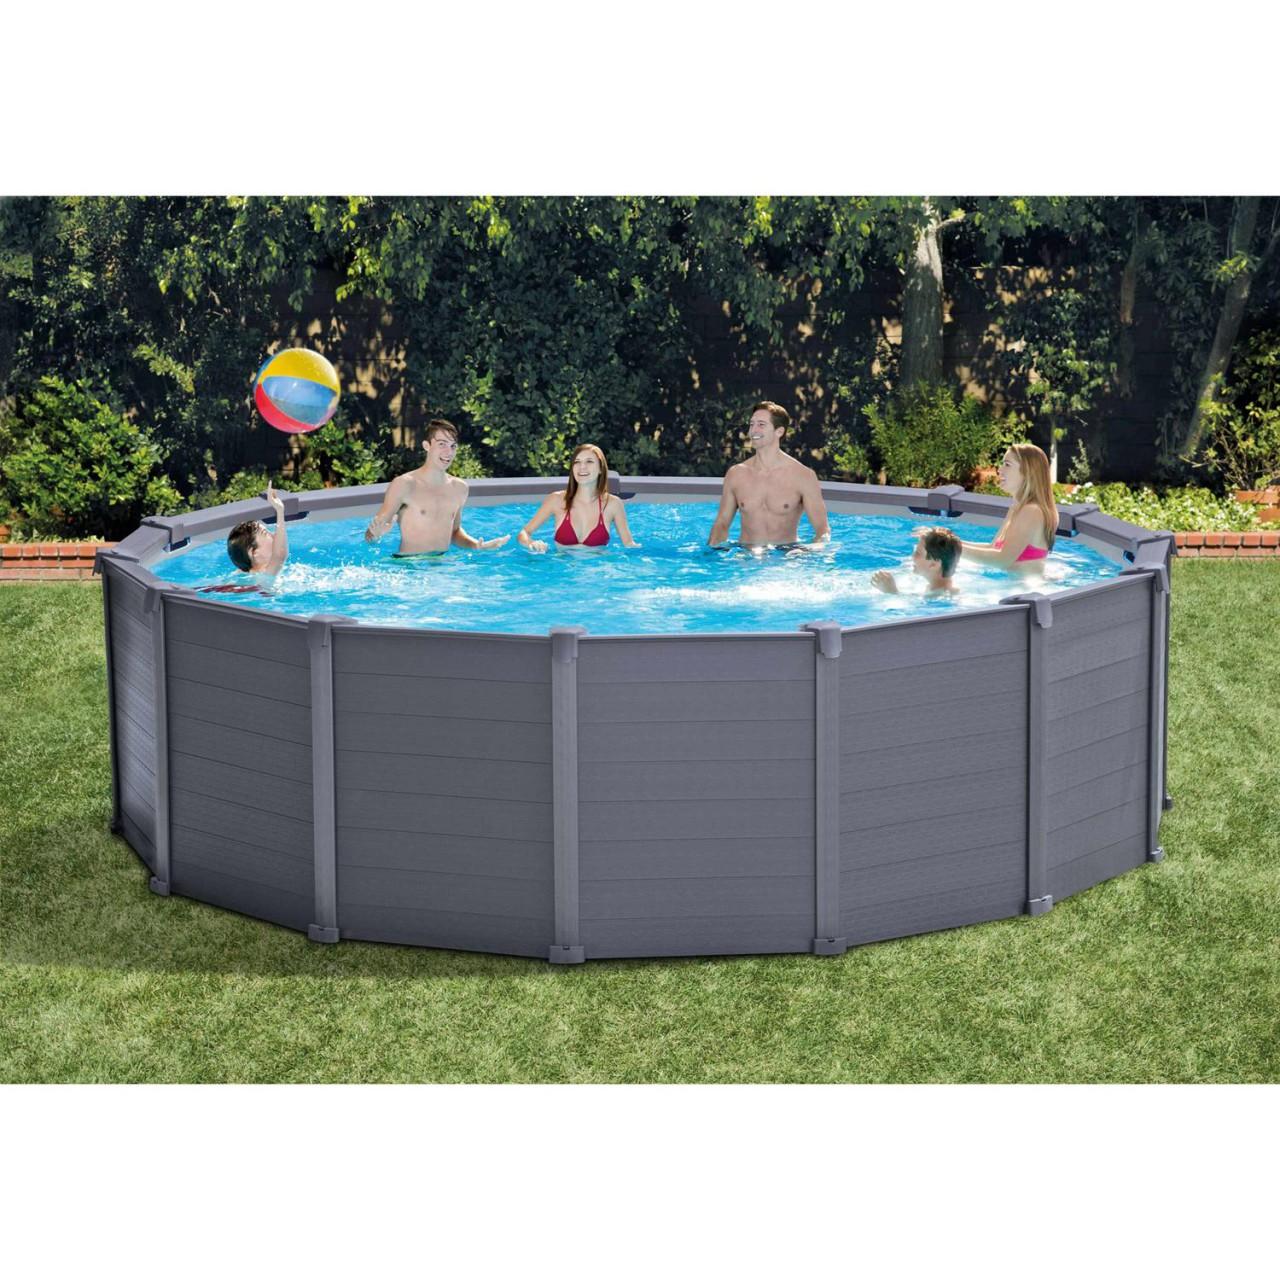 Intex Frame Pool Set Graphit Leiter Boden-Abdeckplane Sandfilteranlage Ø478x124cm